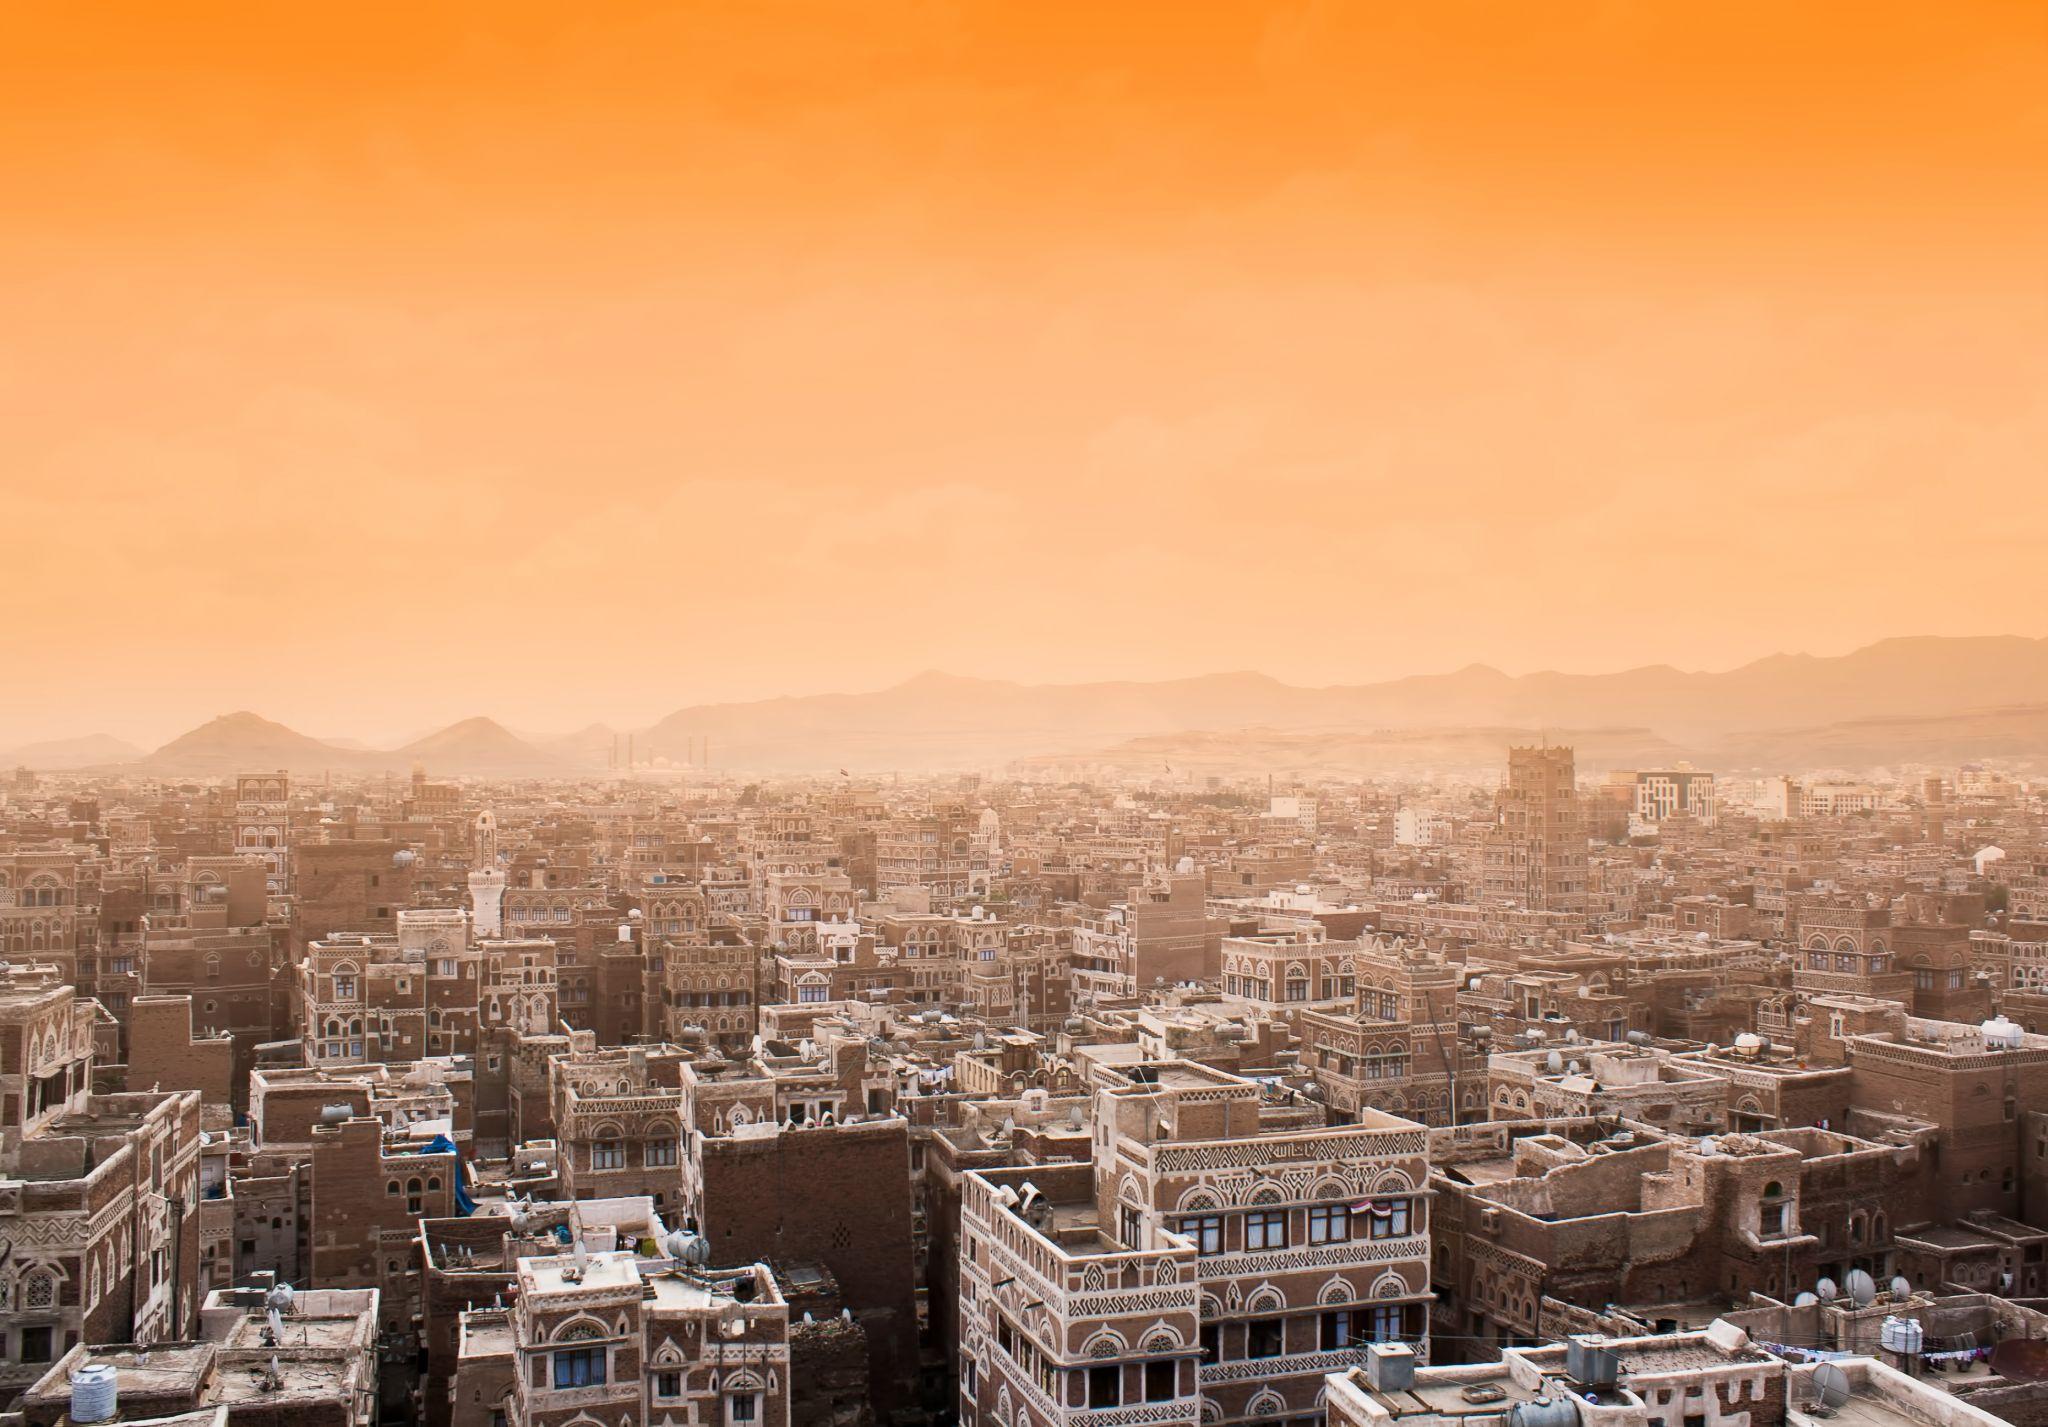 old city of Sana, Yemen